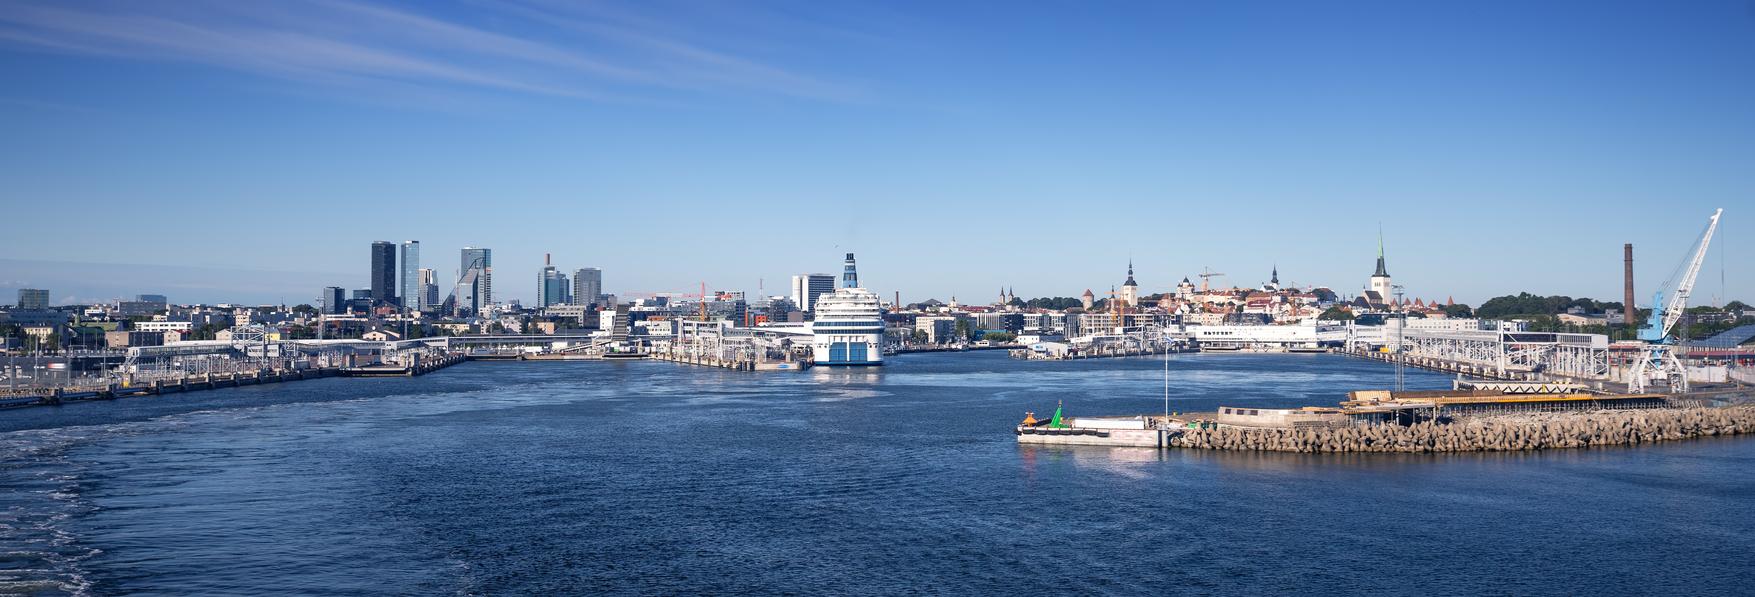 Ozeanografie: Drei Jahre Haft für Meereskundler in Estland wegen Spionage für China